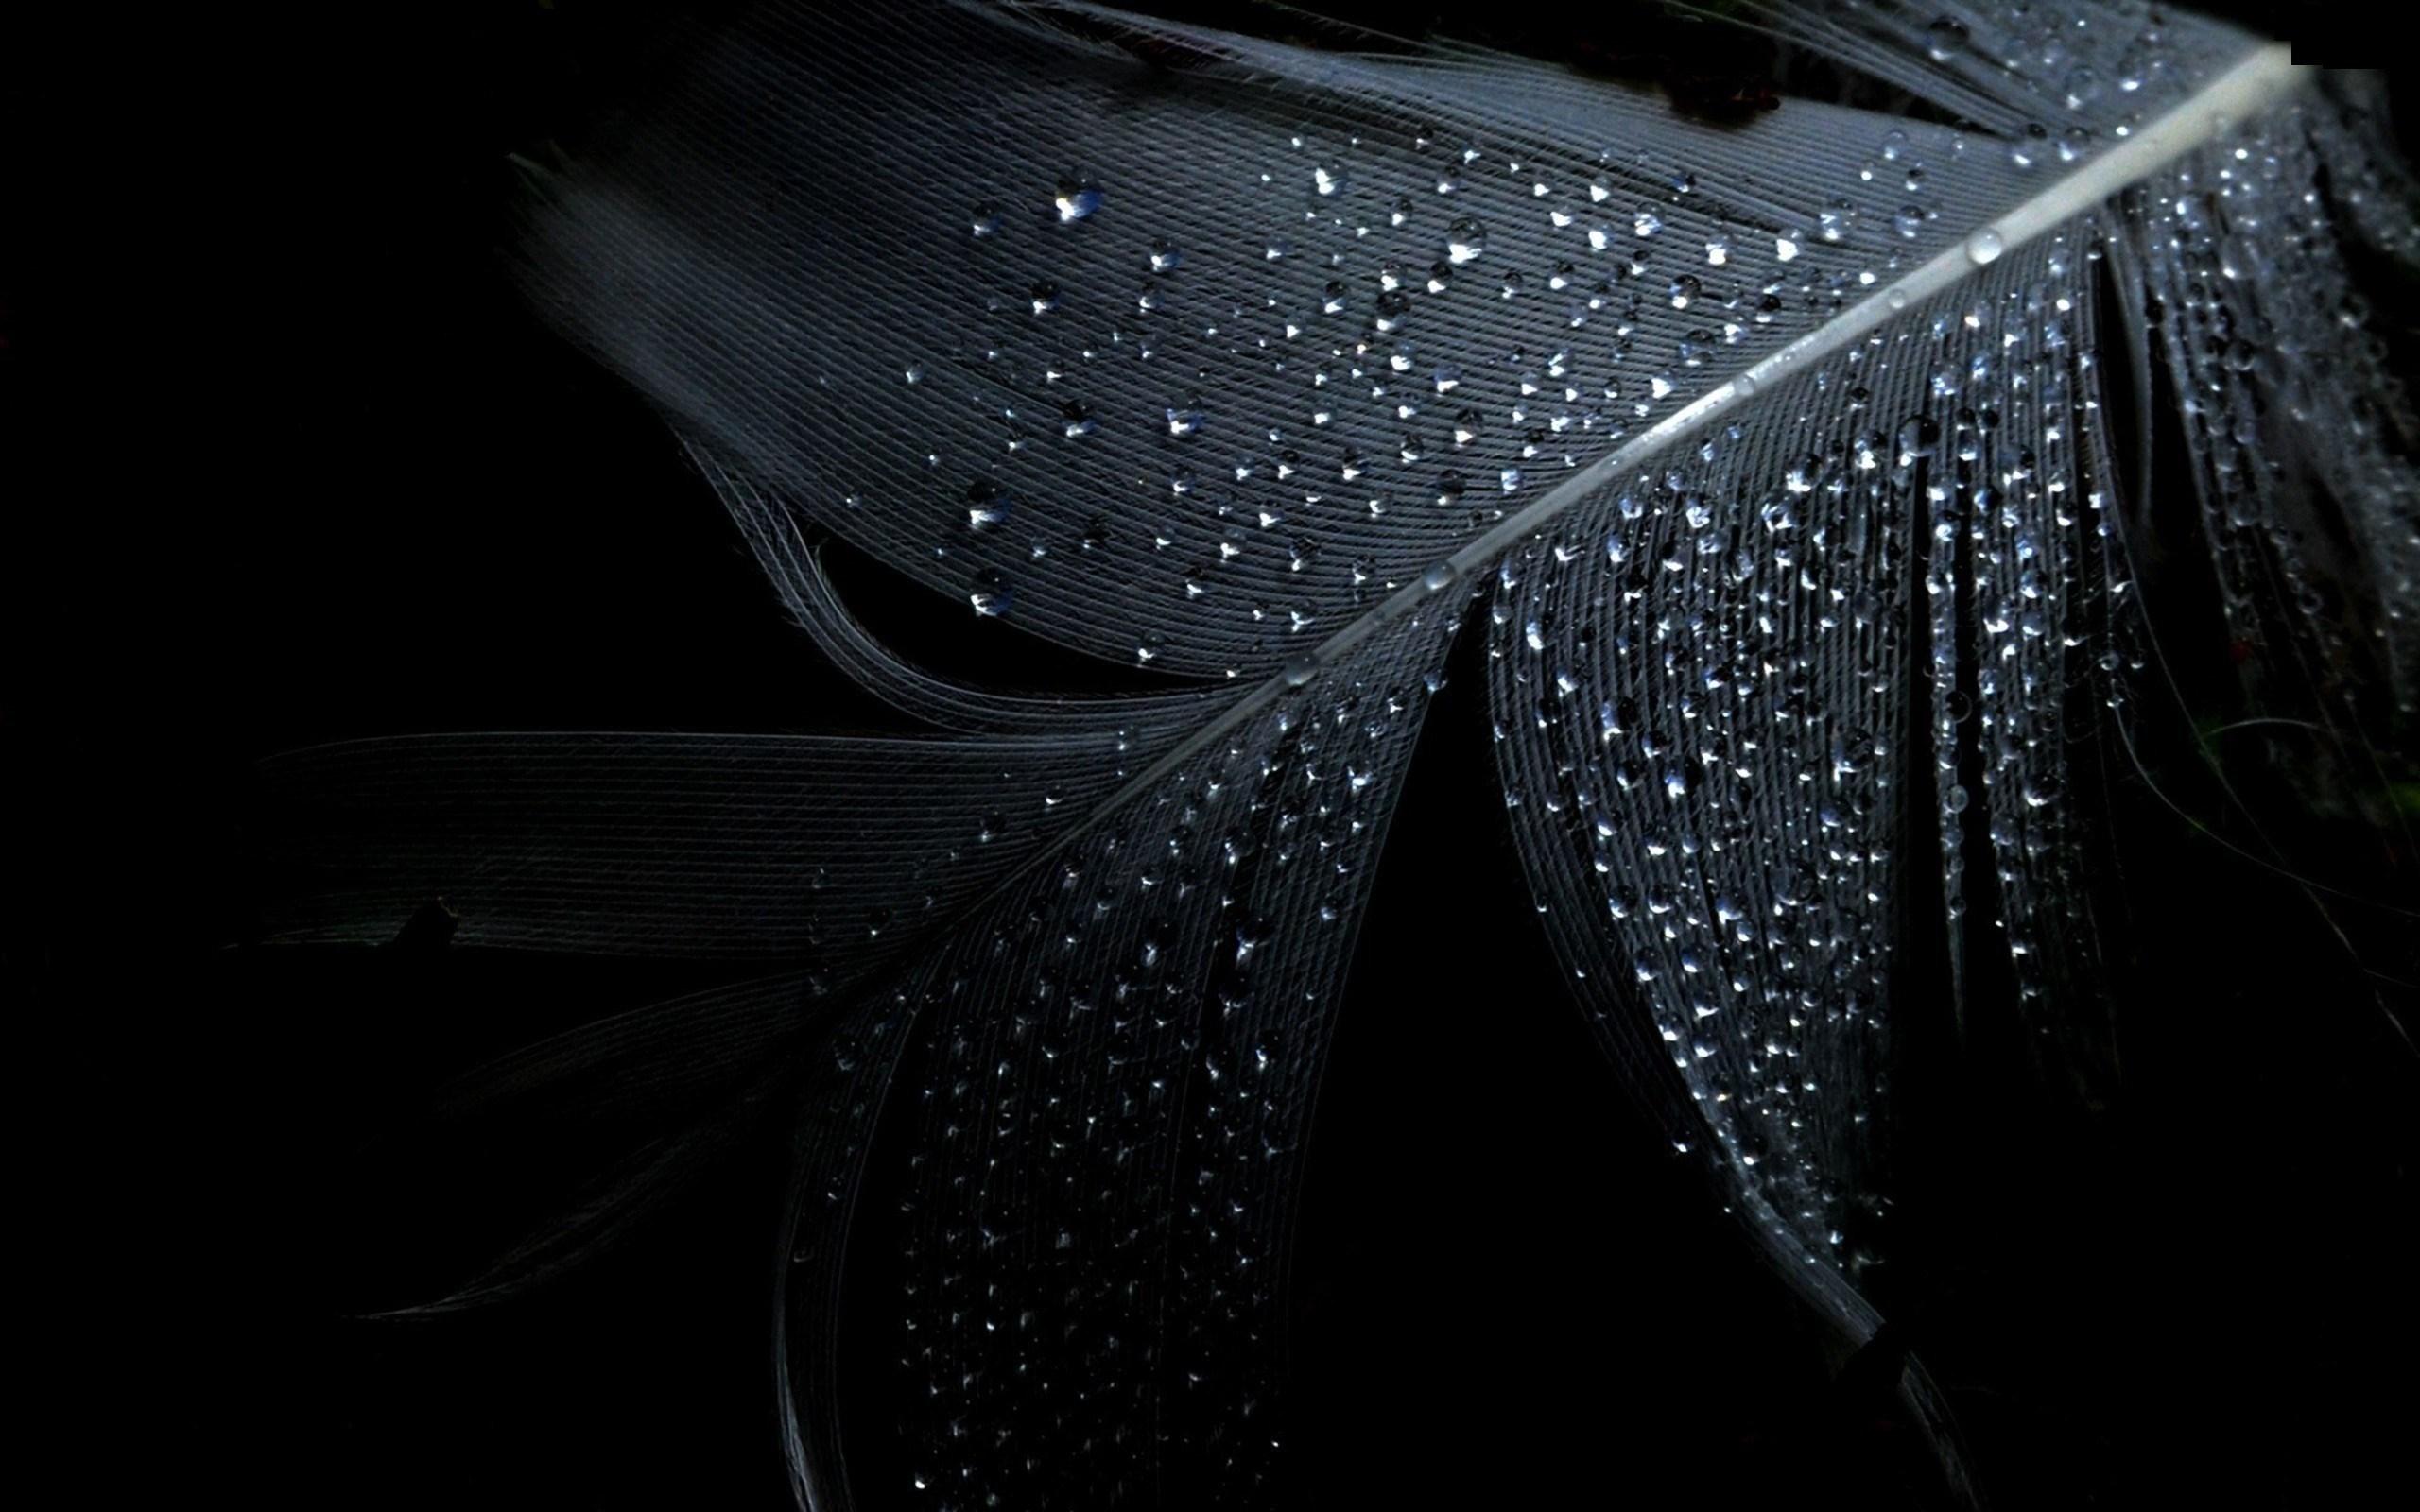 wet water drops black